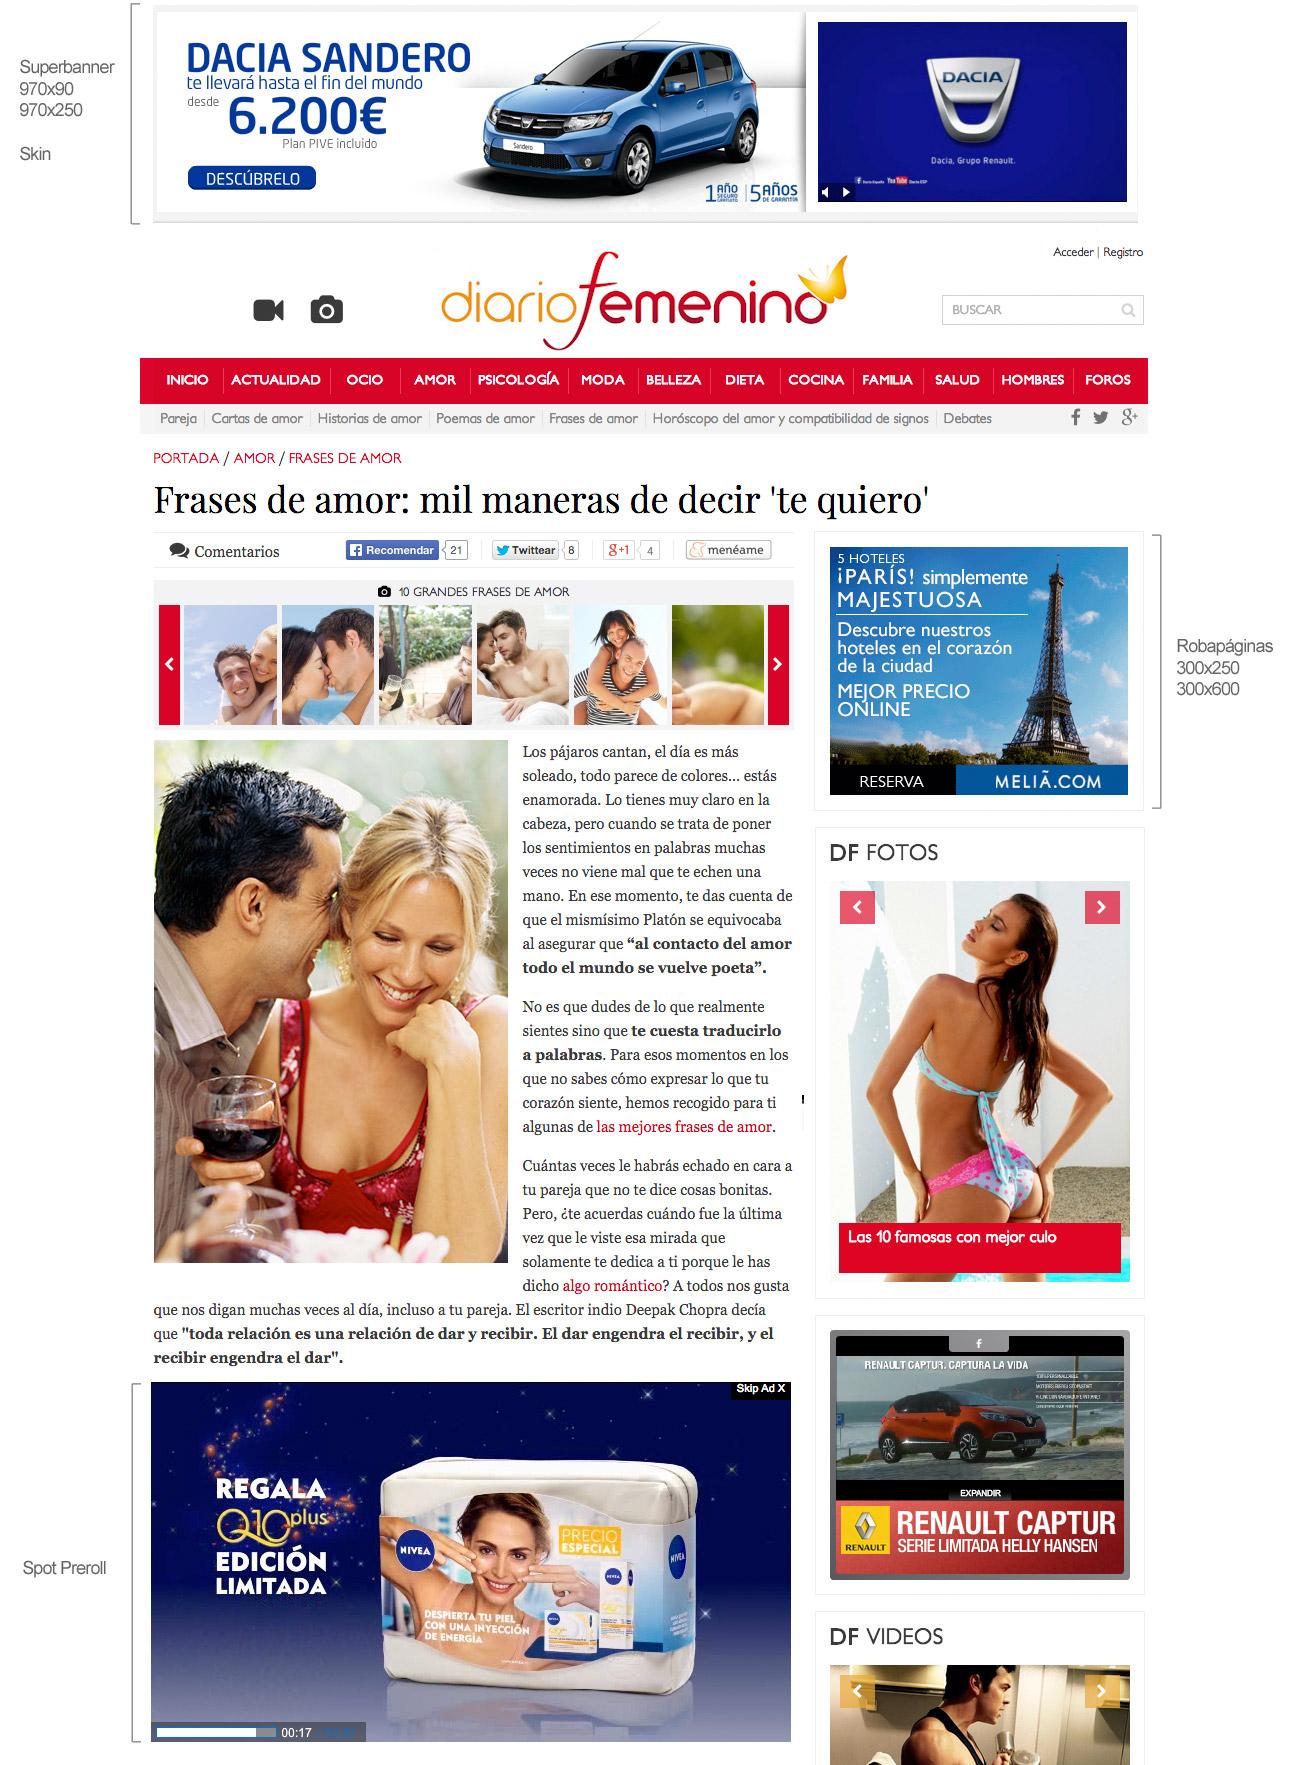 Publicidad en Diario Femenino